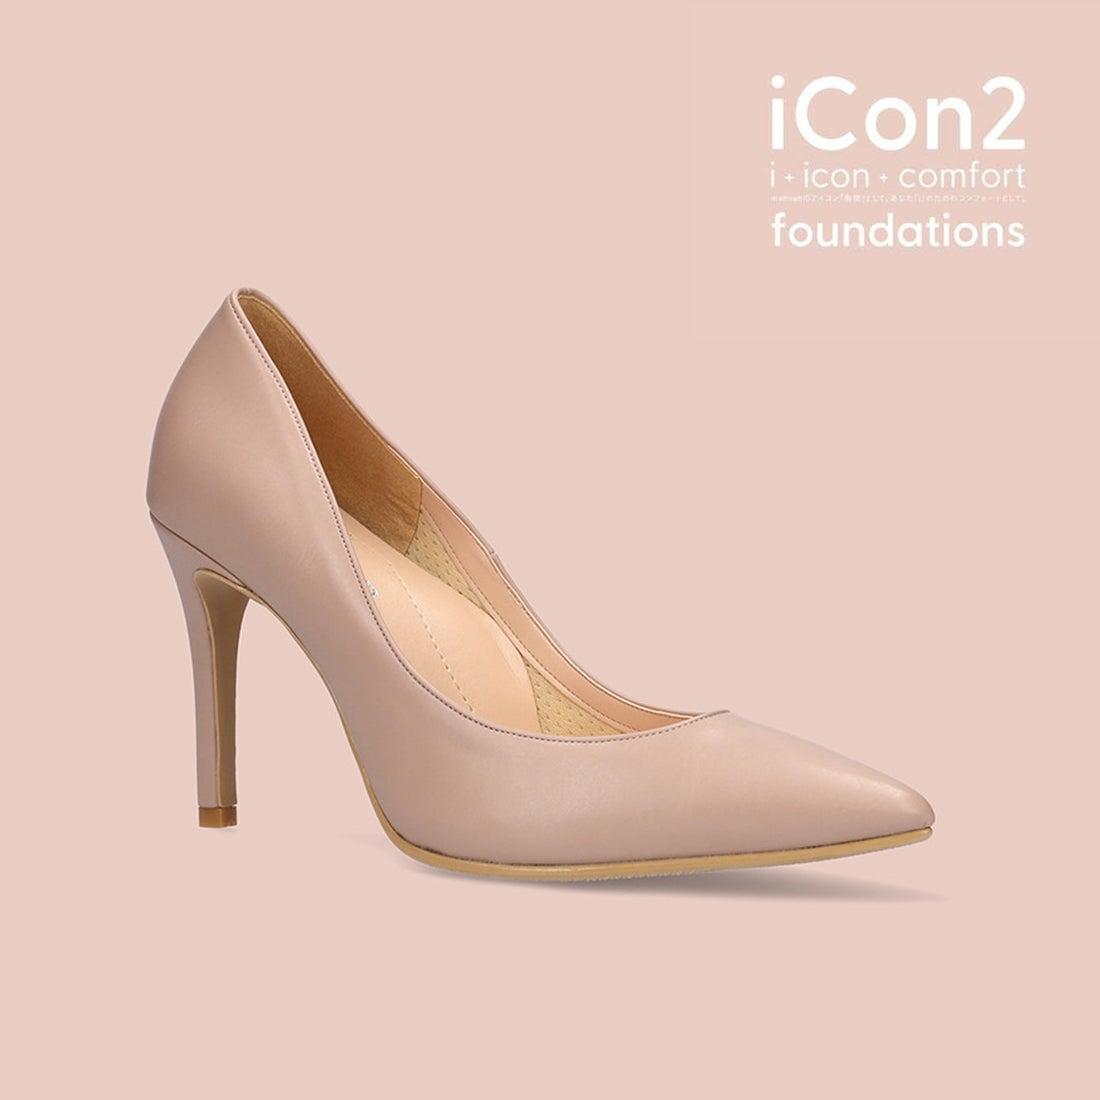 f874dd0dc63270 マミアン MAMIAN iCon2 Foundations 9cmヒールポインテッドトゥヌードベージュパンプス/F970 (クリーミィベリー)  -靴&ファッション通販 ロコンド〜自宅で試着、 ...